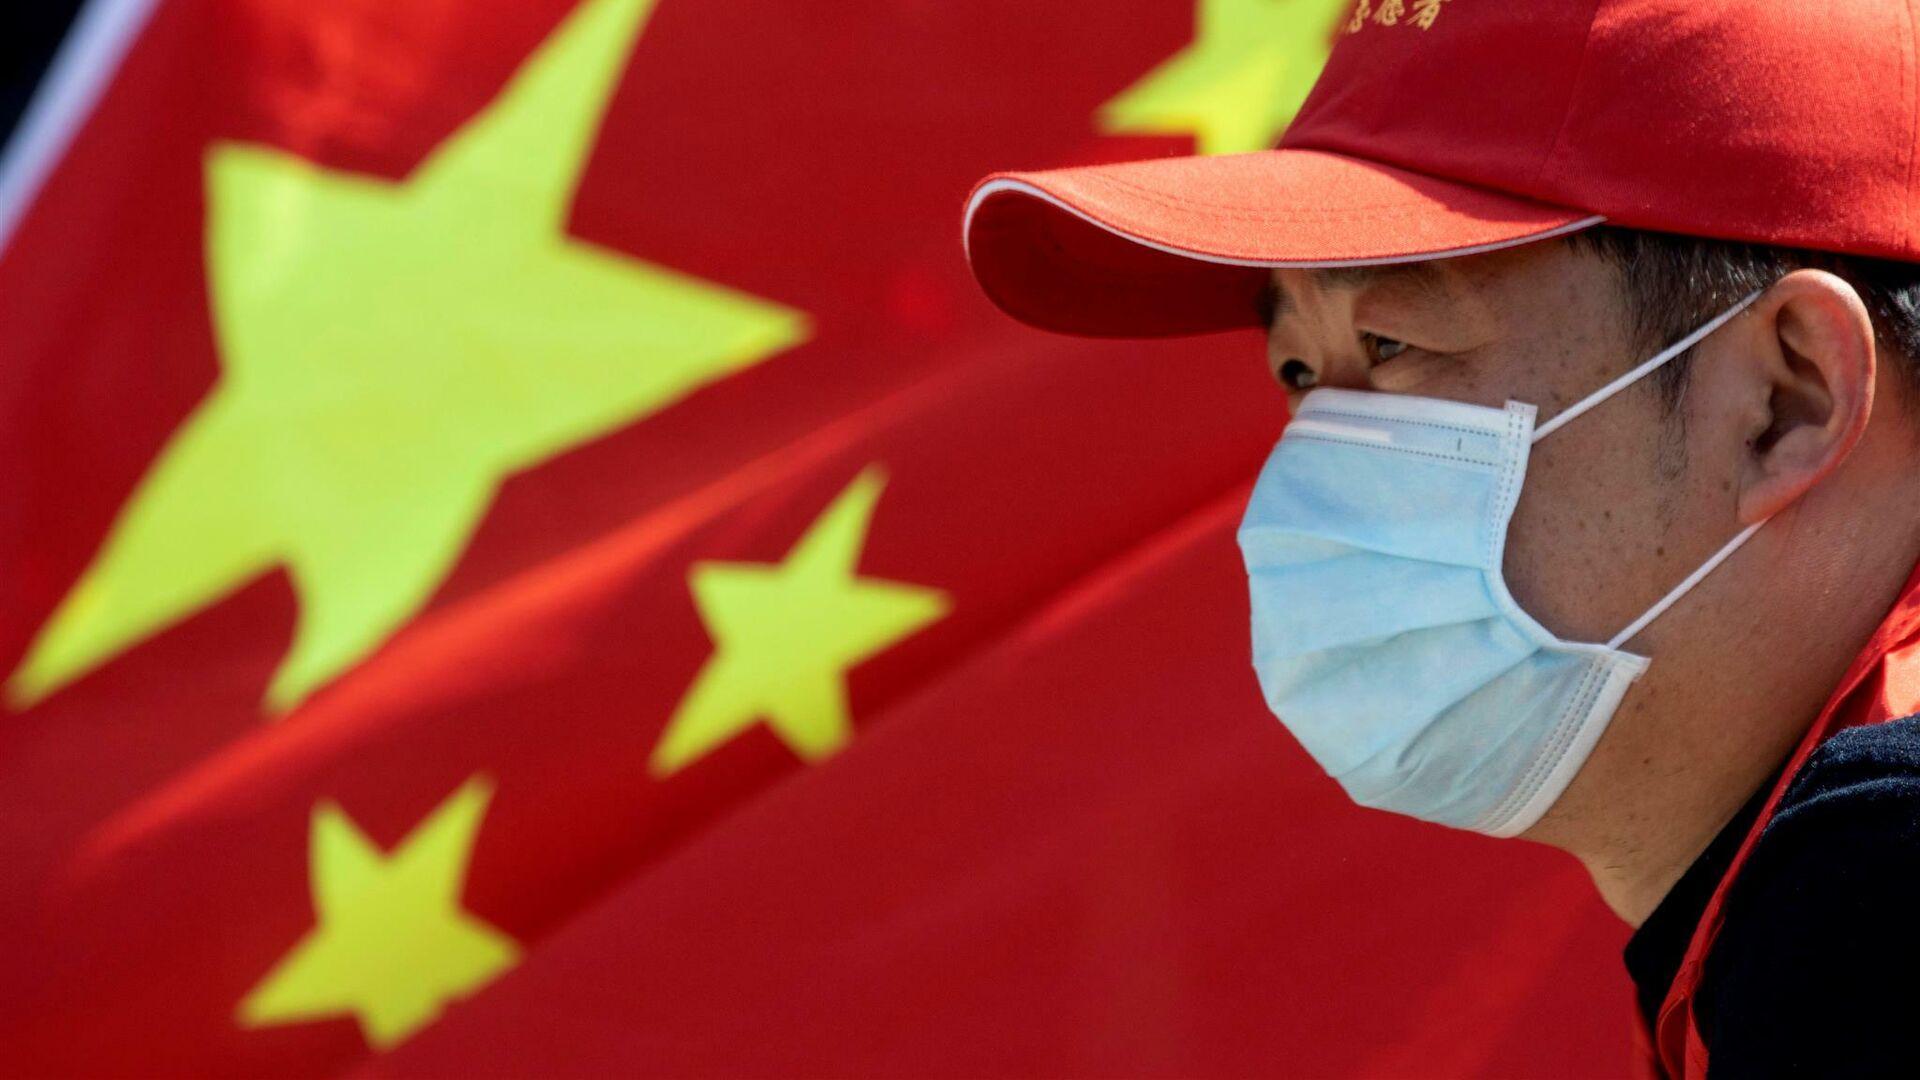 Мужчина на фоне флага Китая - РИА Новости, 1920, 27.11.2020